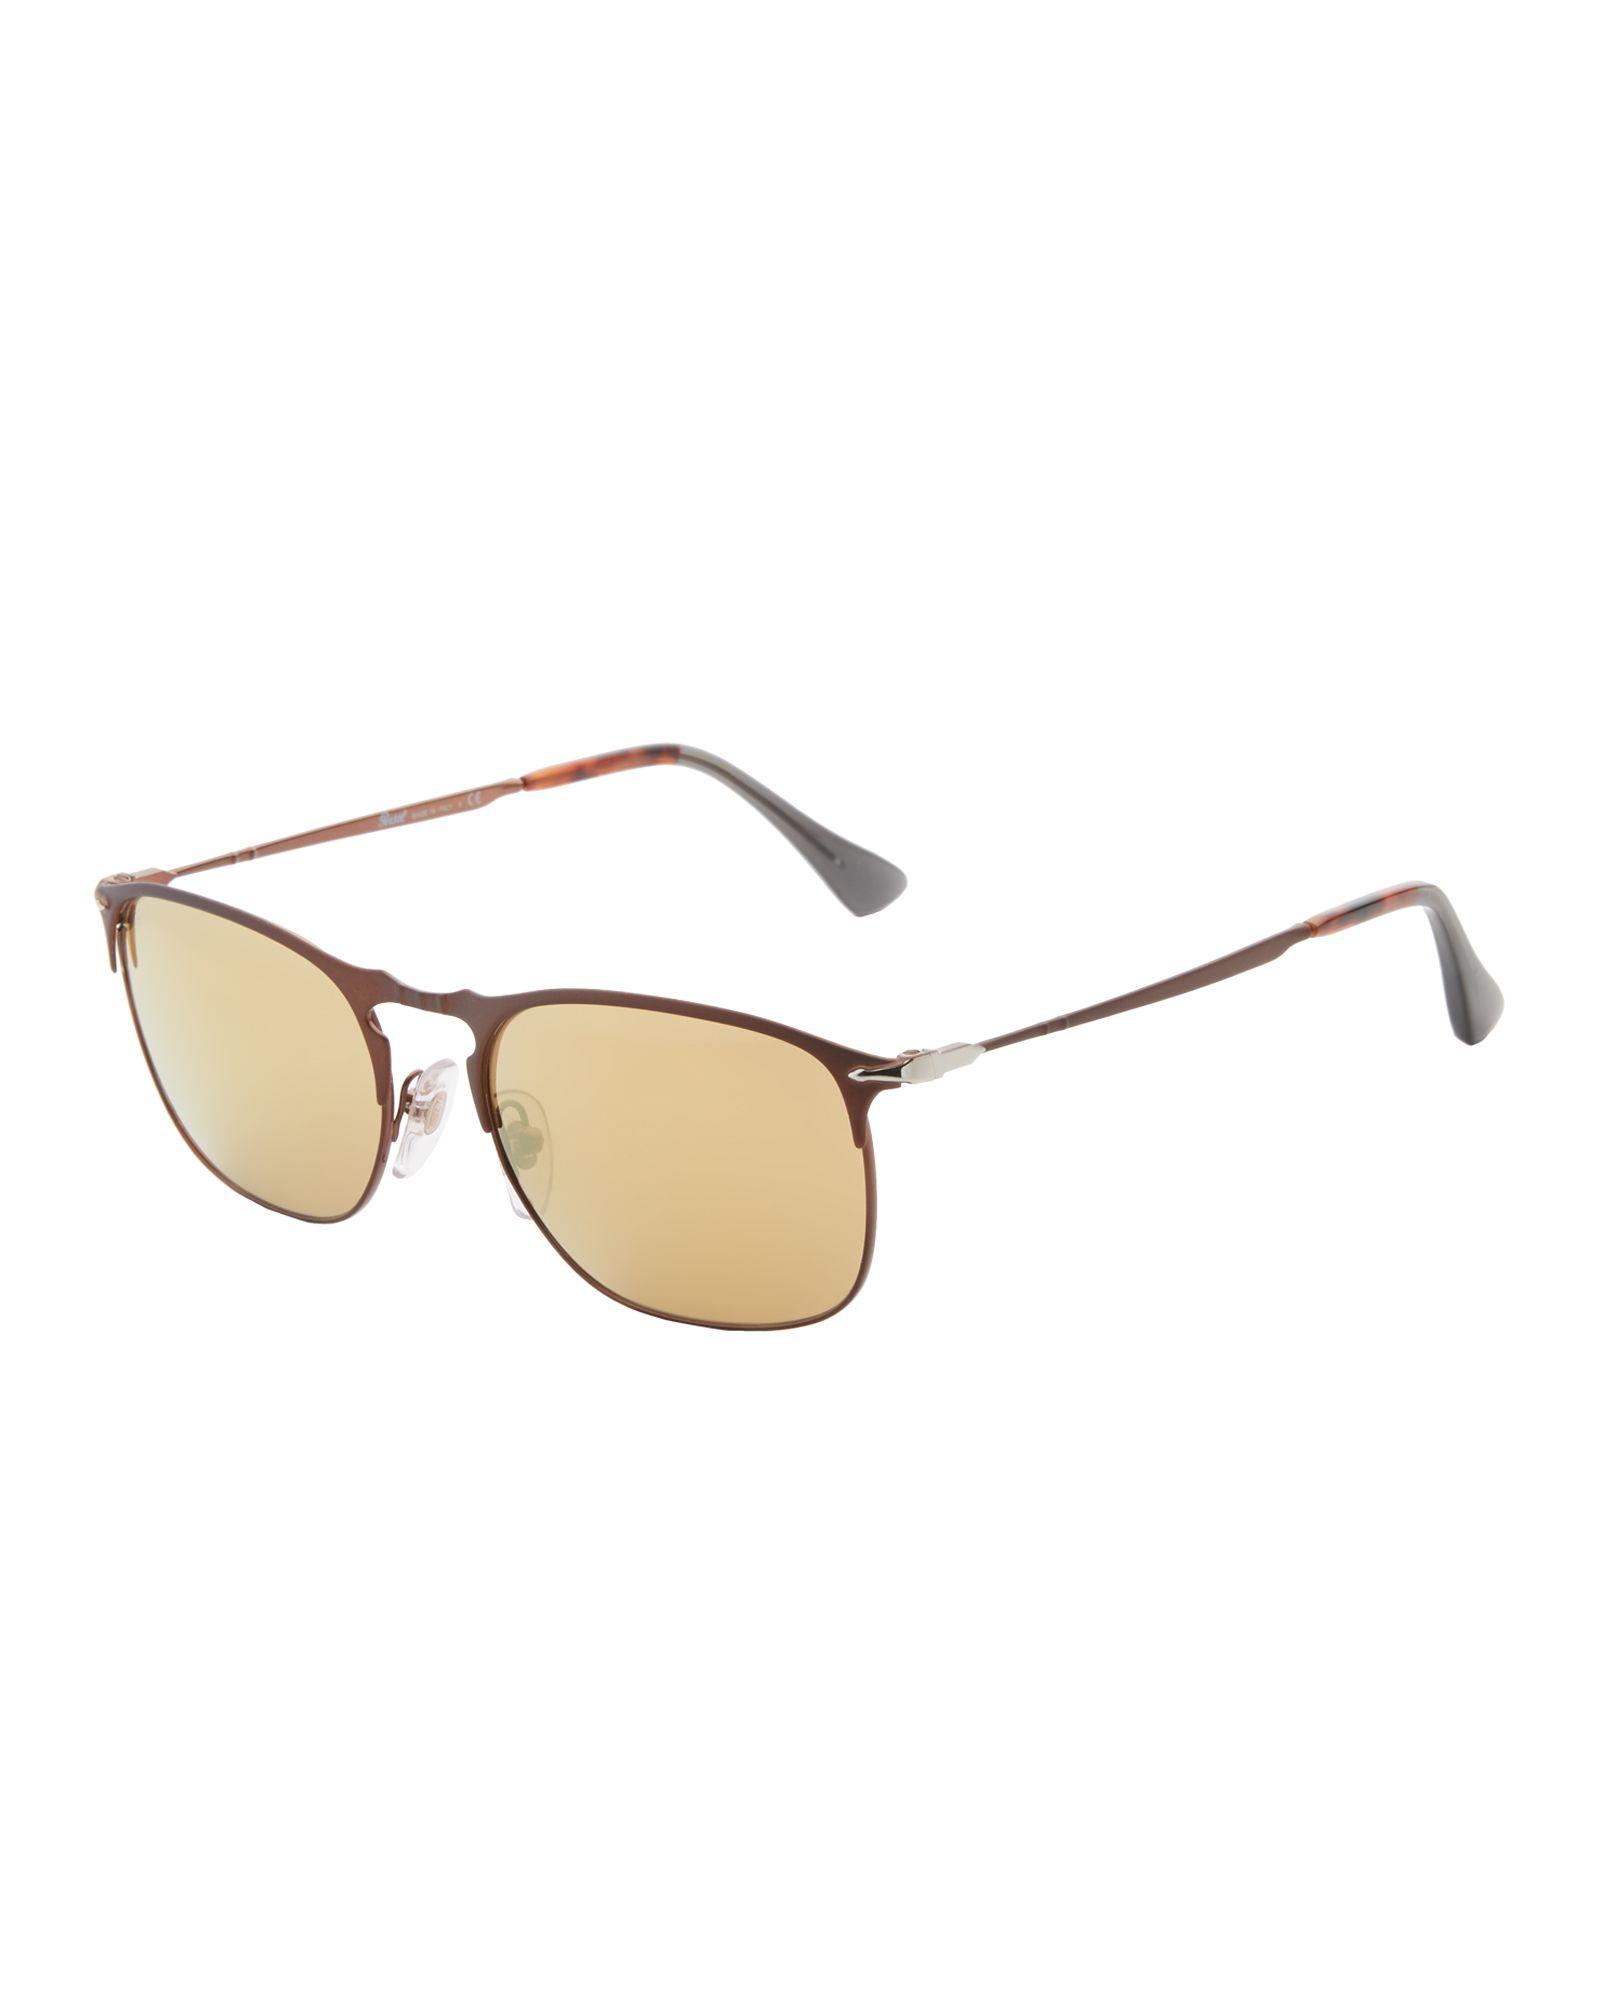 b986218625 Persol PO7359 Matte Bronze-Tone Oval Sunglasses